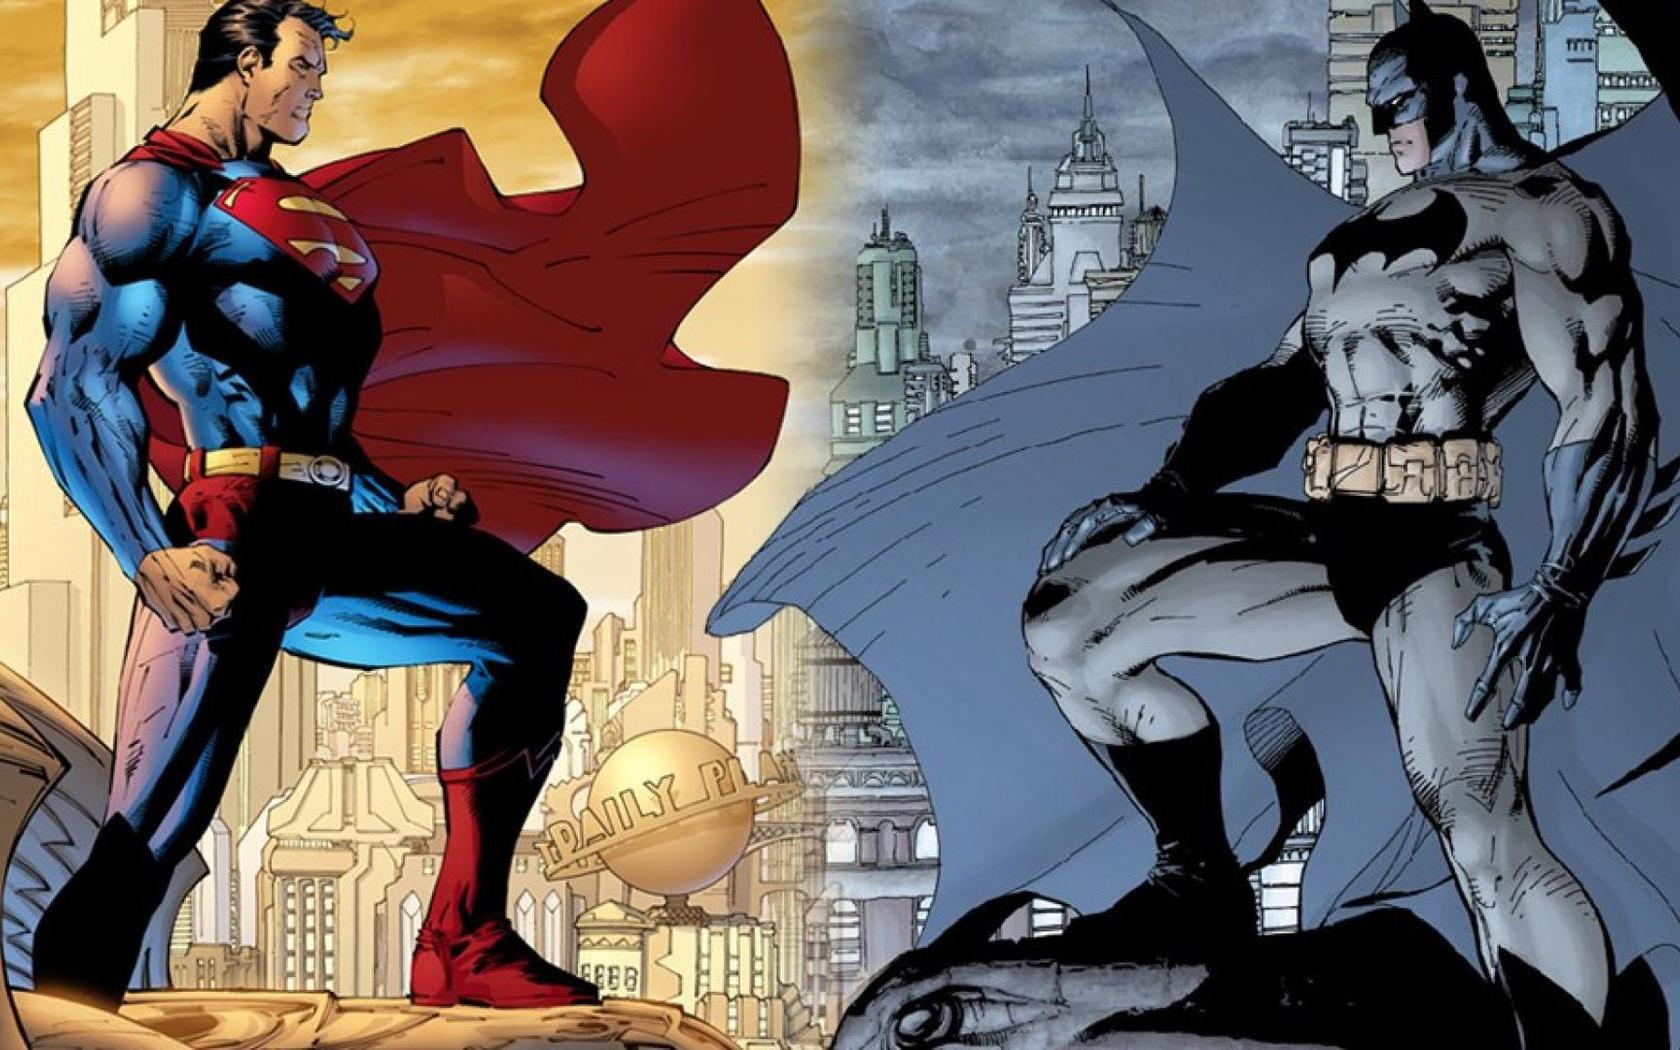 Download Batman and Superman wallpaper 1680x1050